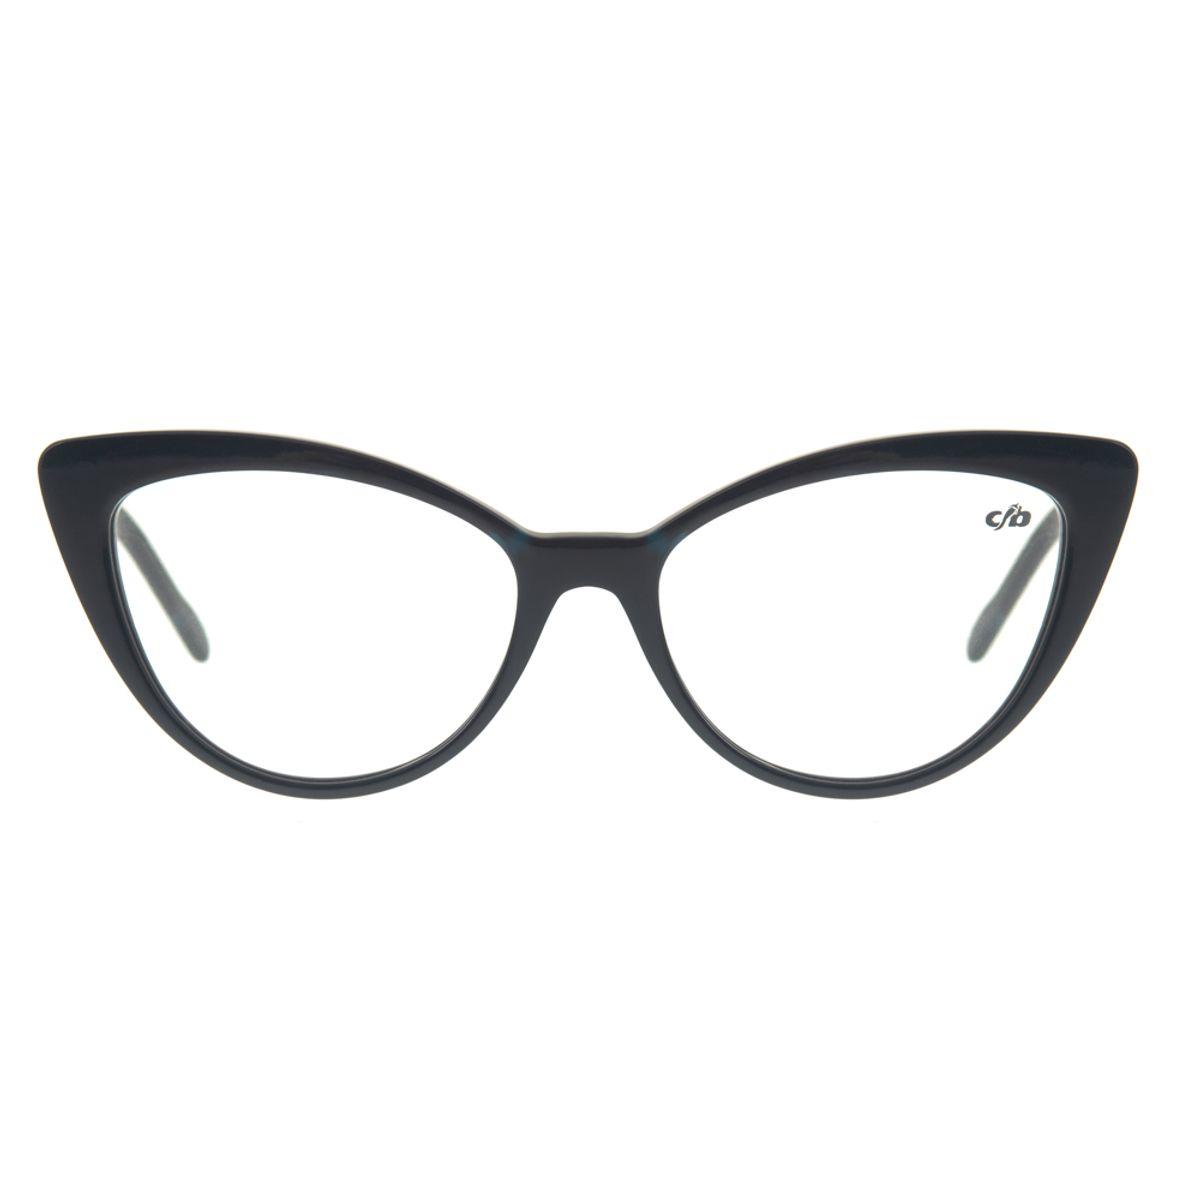 40c1d5be9 Armação para óculos de Grau Chilli Beans Gatinho Feminino Azul ...